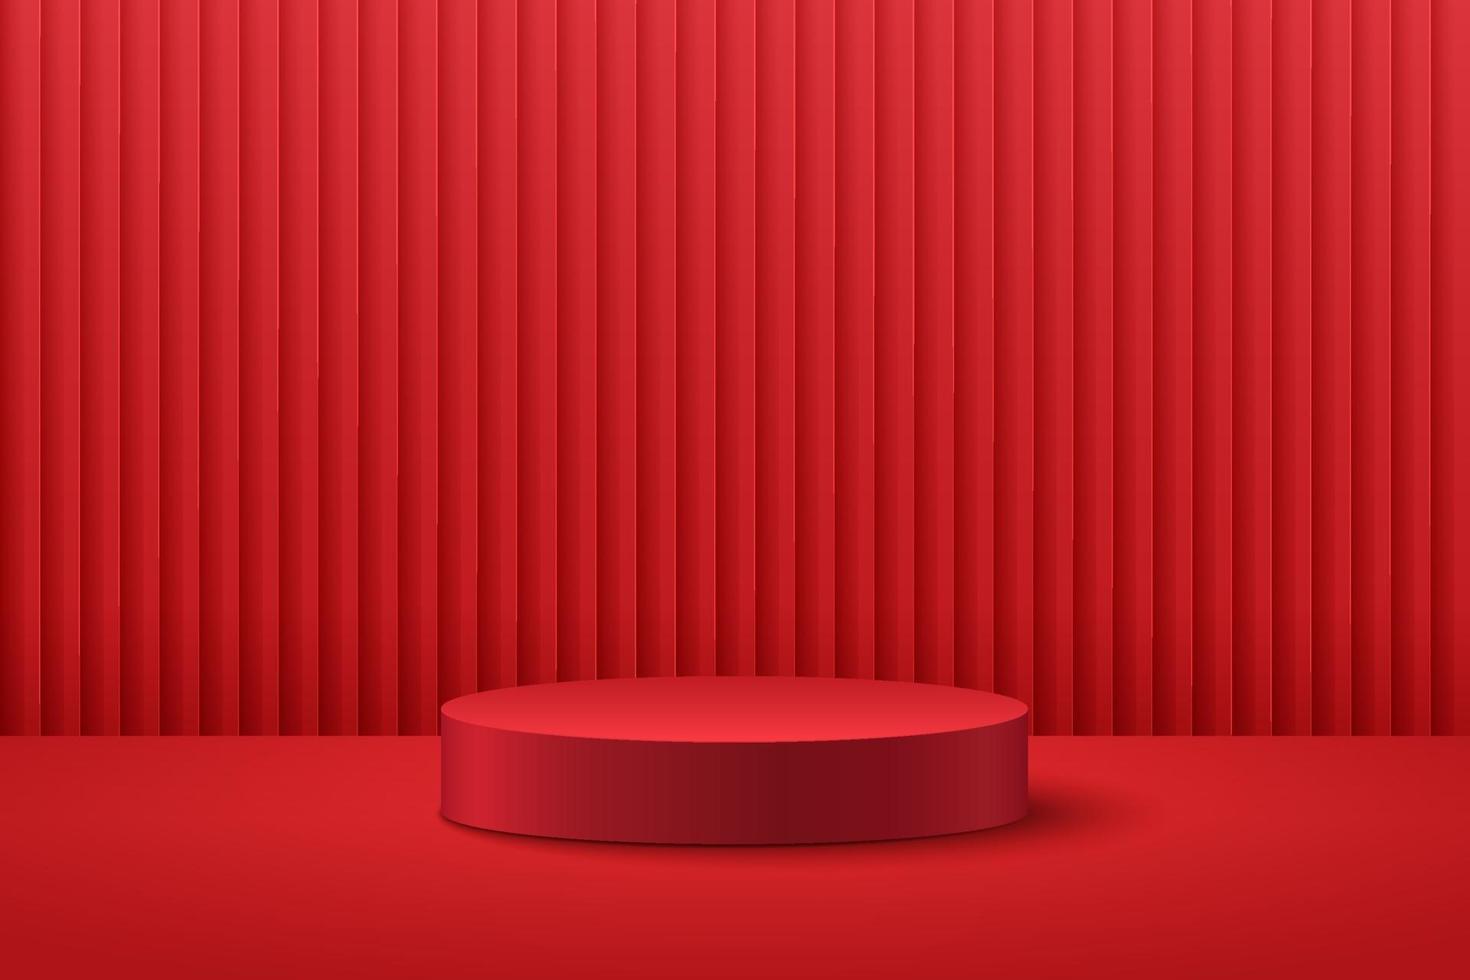 abstrakte runde Anzeige für Produkt auf Website in modernem Design. Hintergrund-Rendering mit Podium und minimaler roter Vorhang-Textur-Wandszene, 3D-Rendering geometrische Form dunkelrote Farbe. orientalisches Konzept. vektor